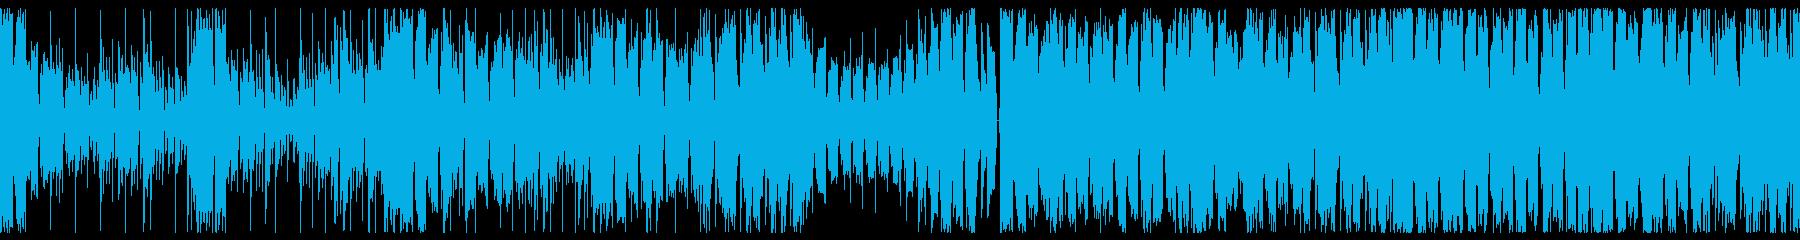 機械戦闘BGM ダブステップの再生済みの波形